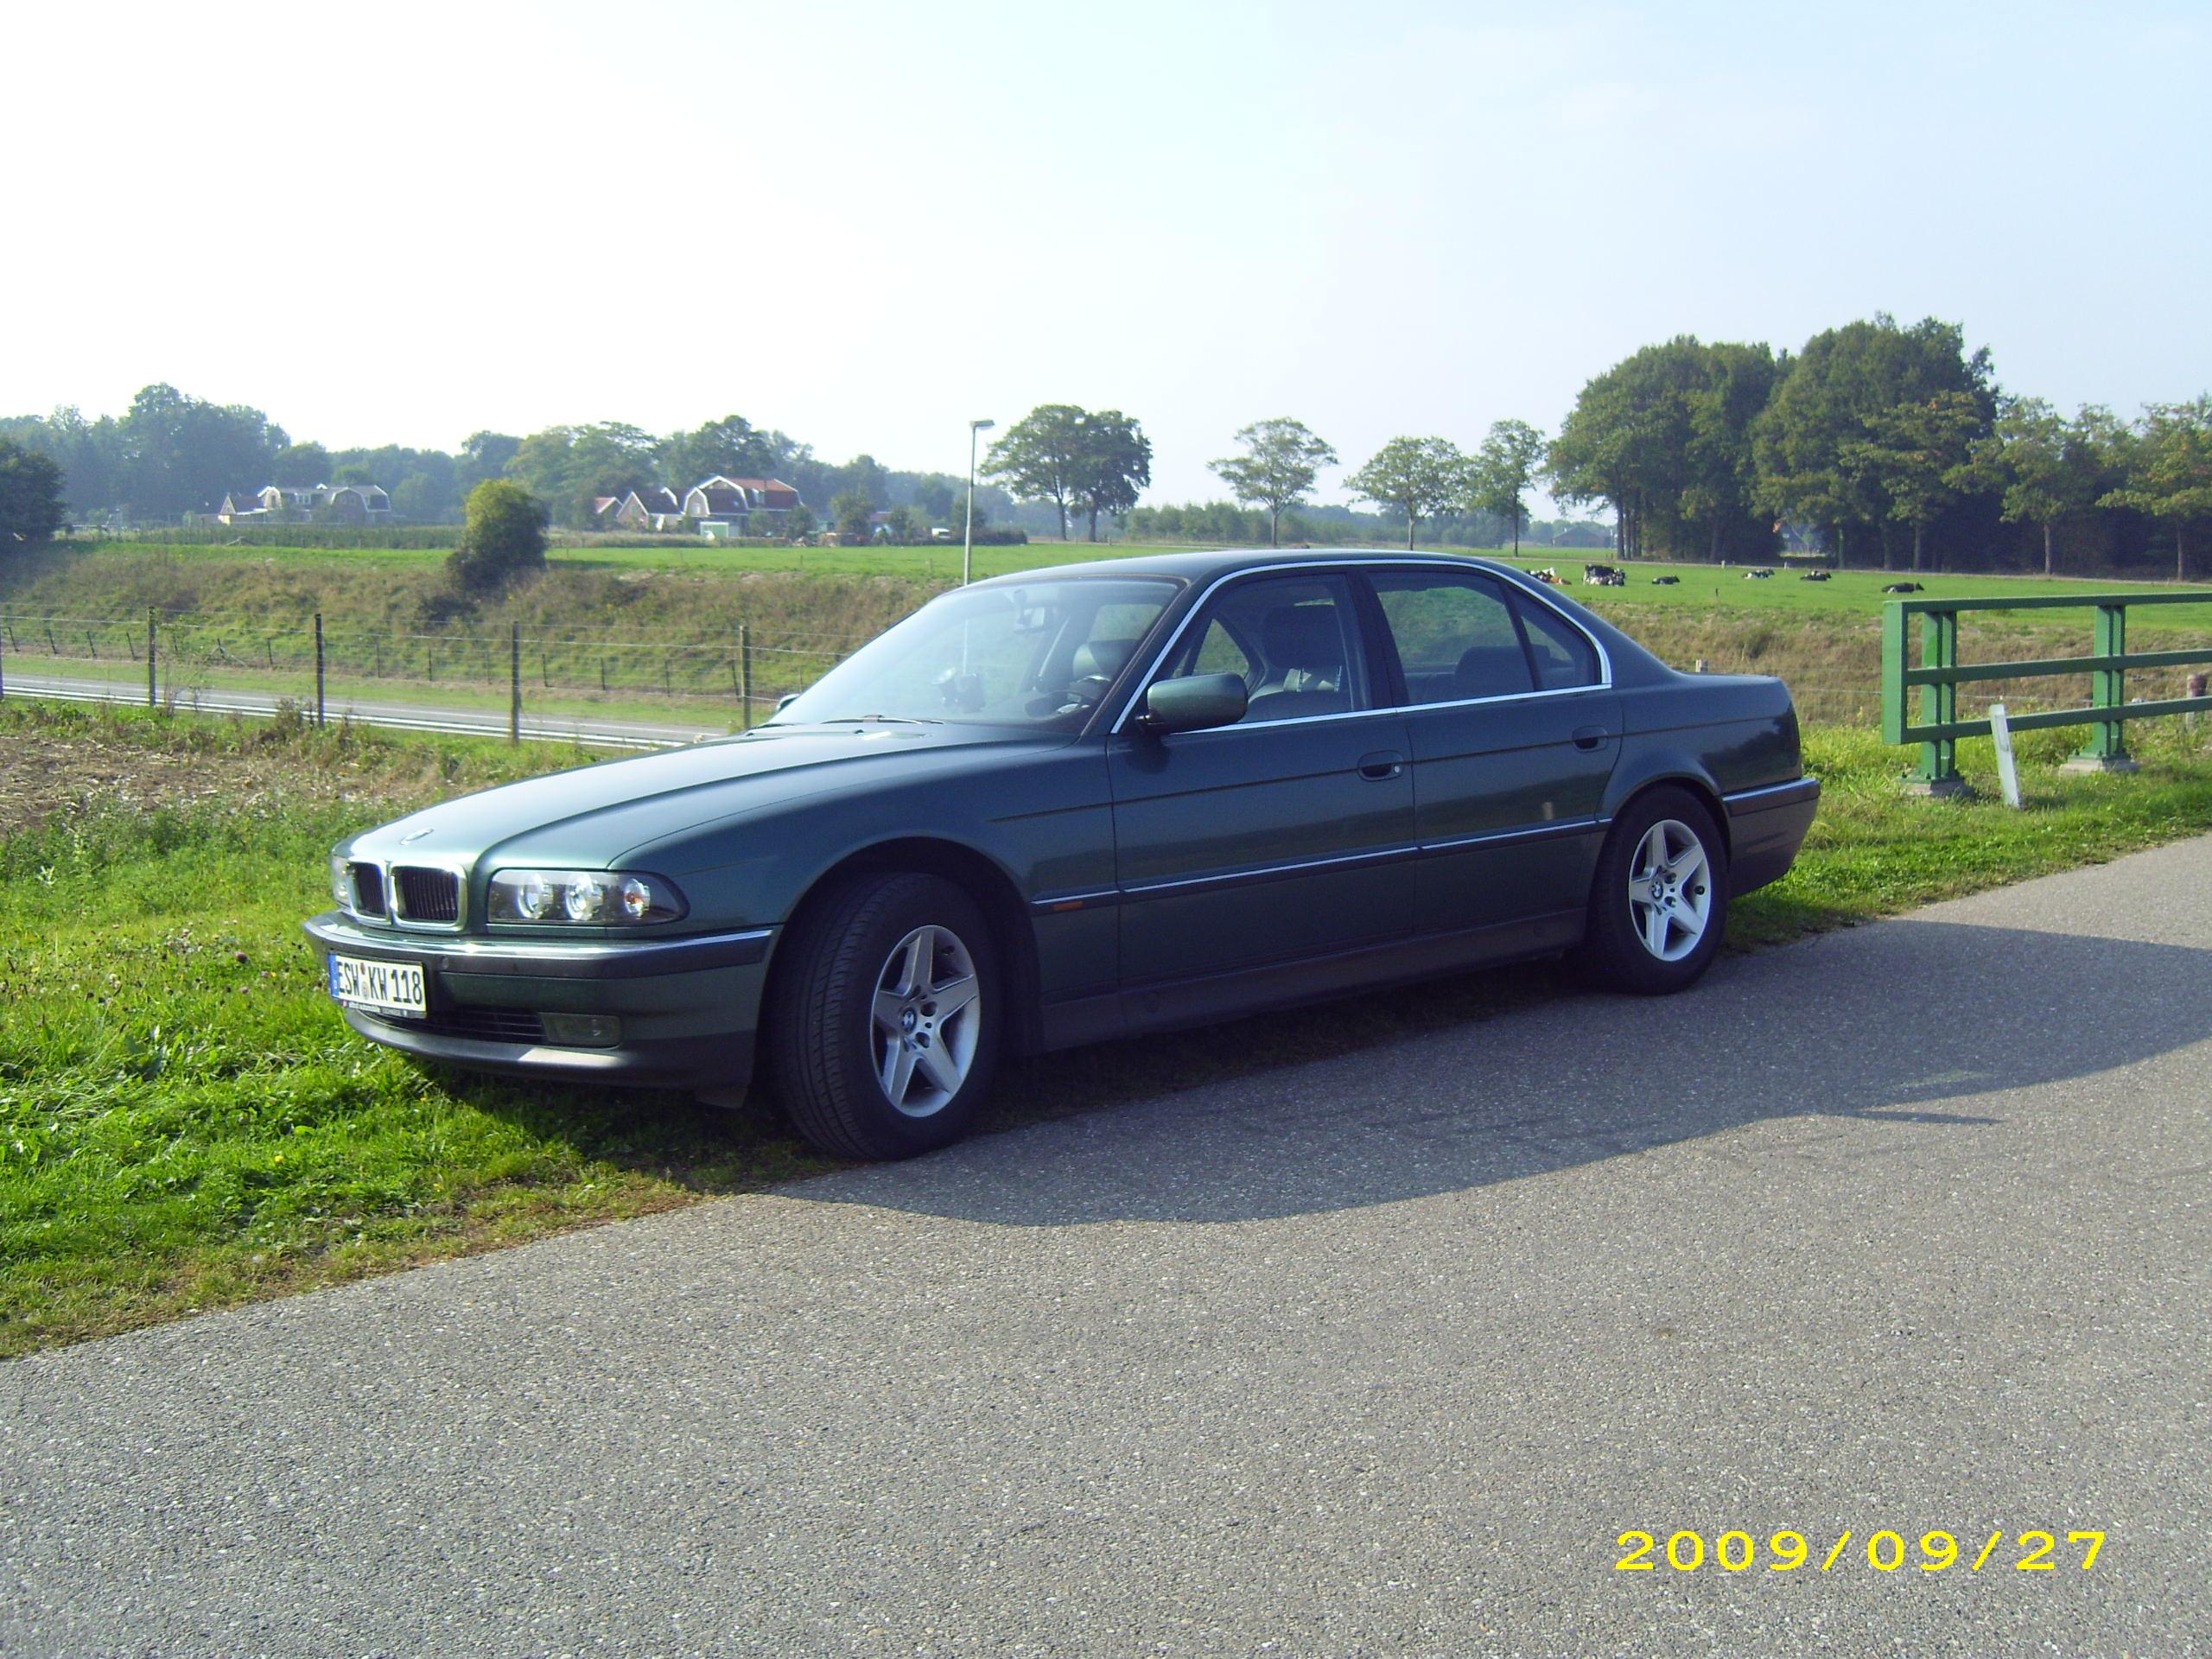 BMW 728iL (E38)